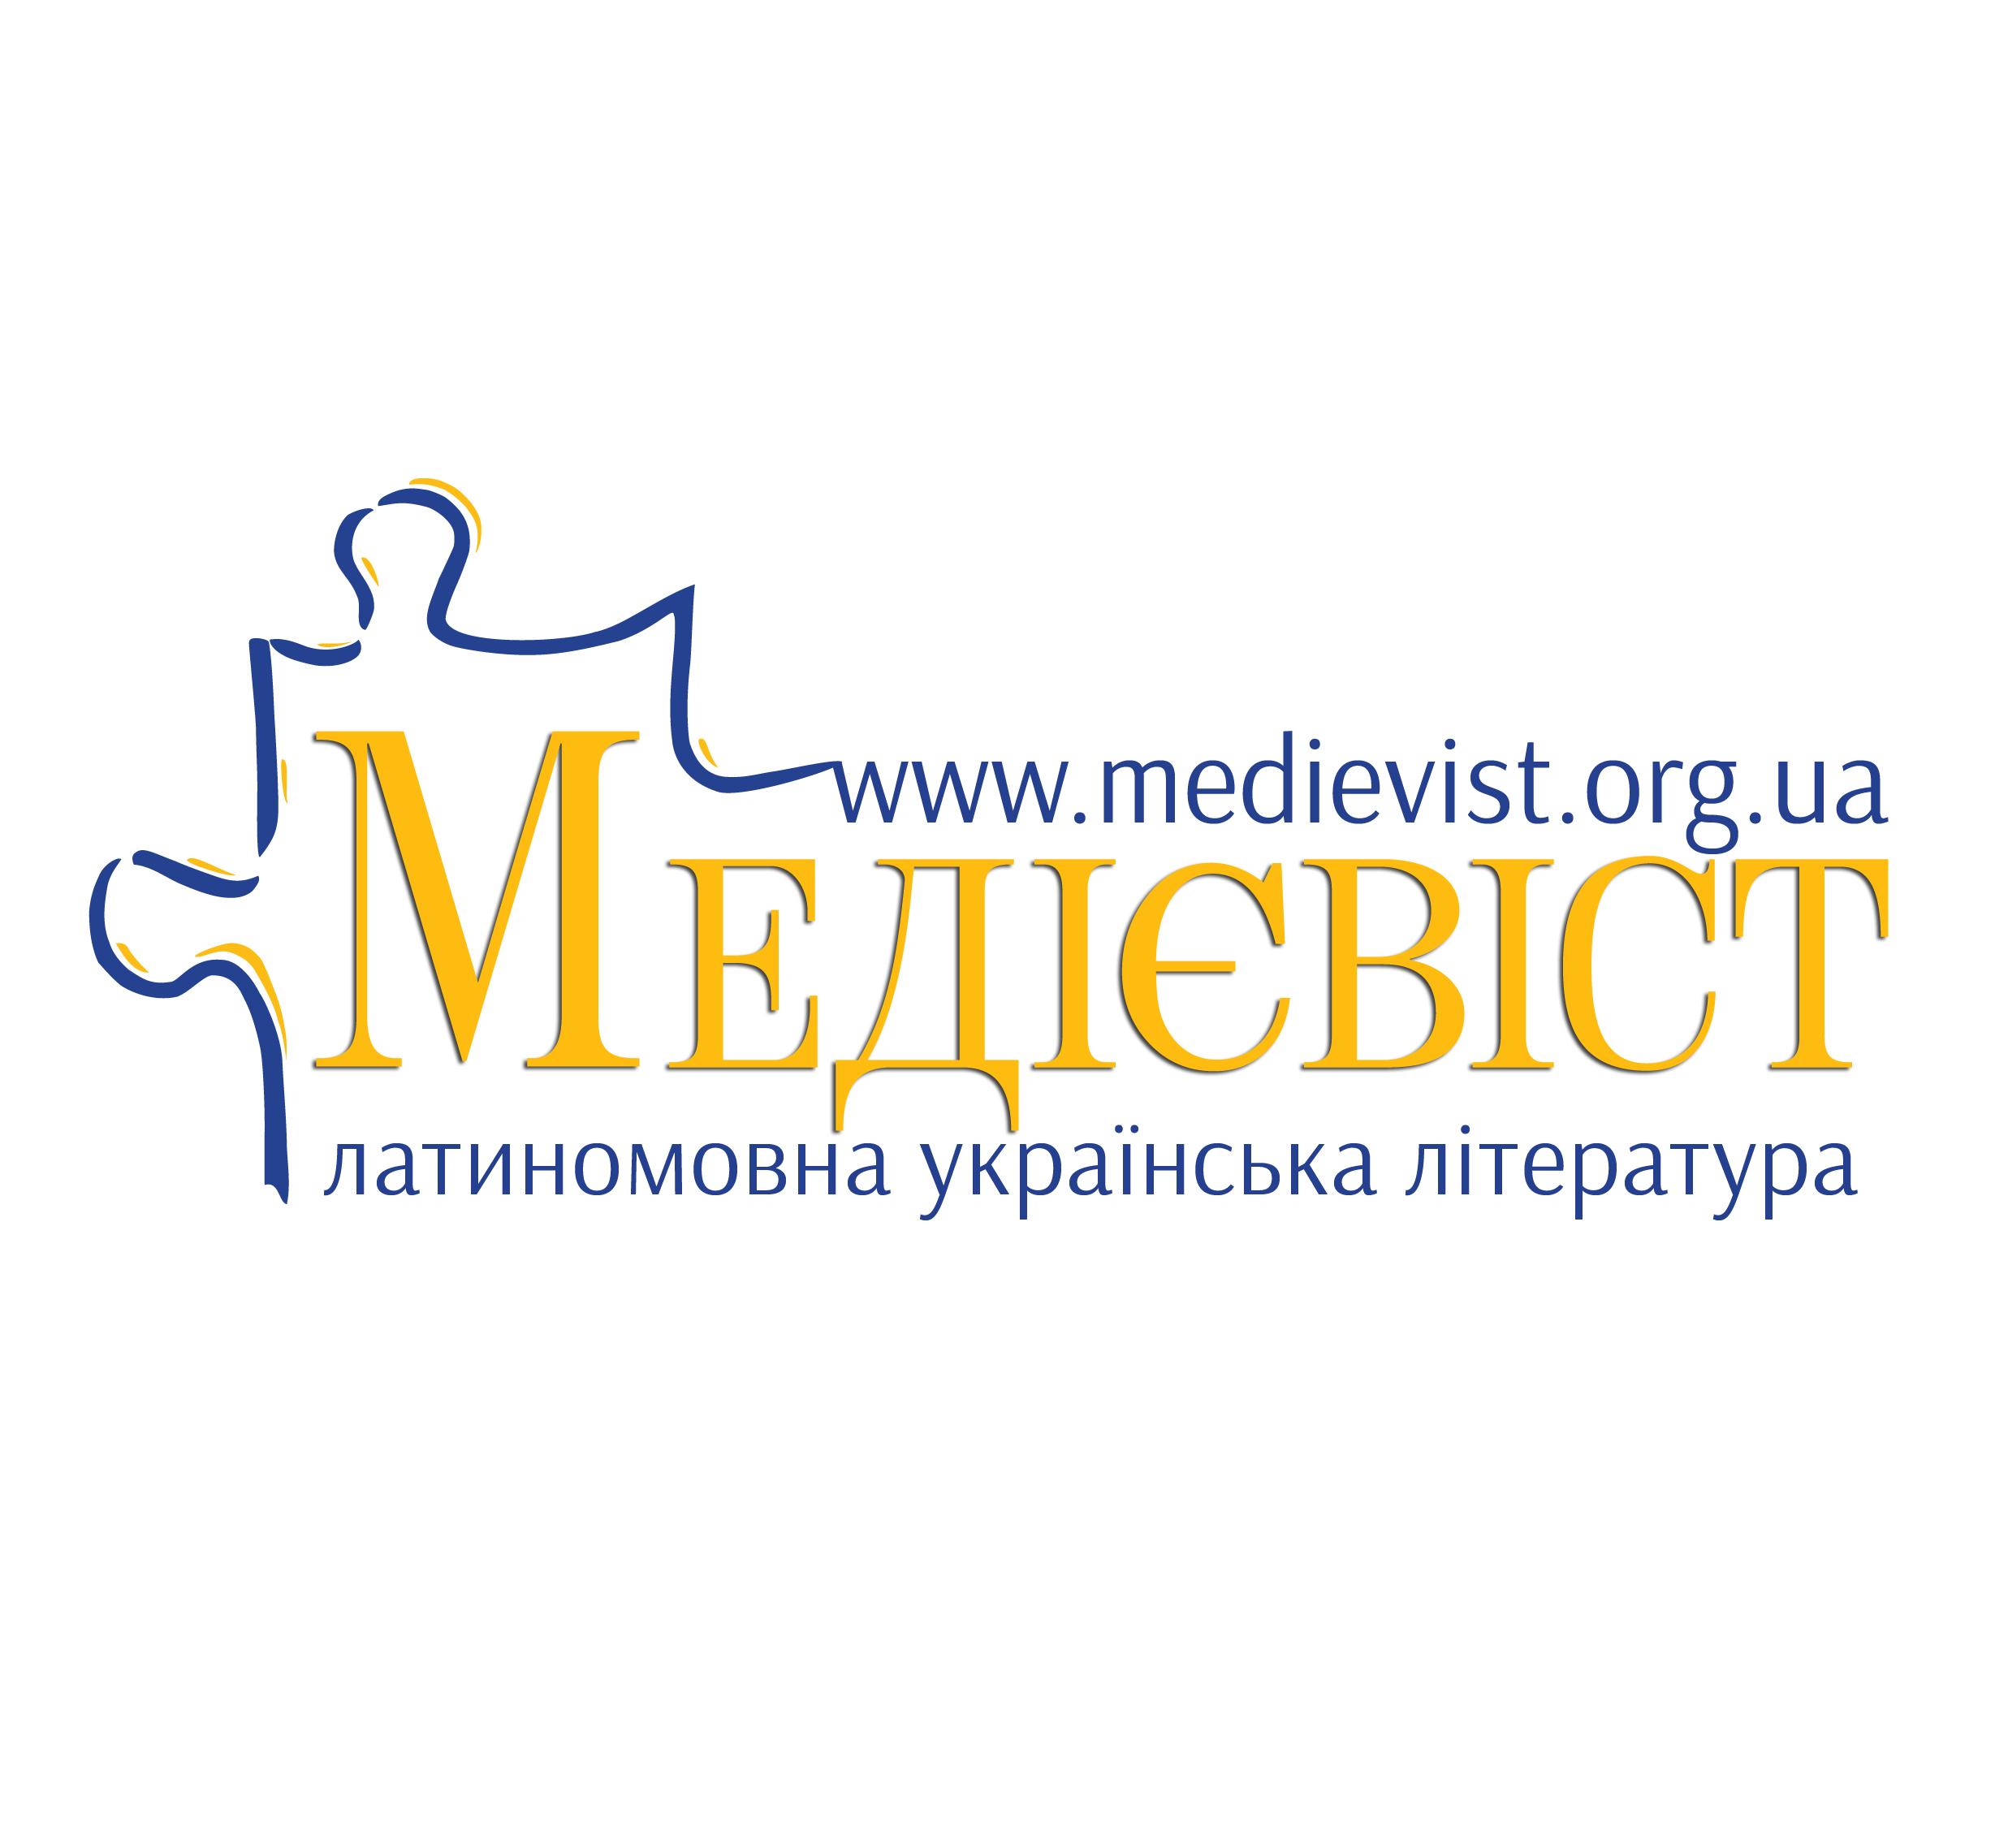 Медієвіст